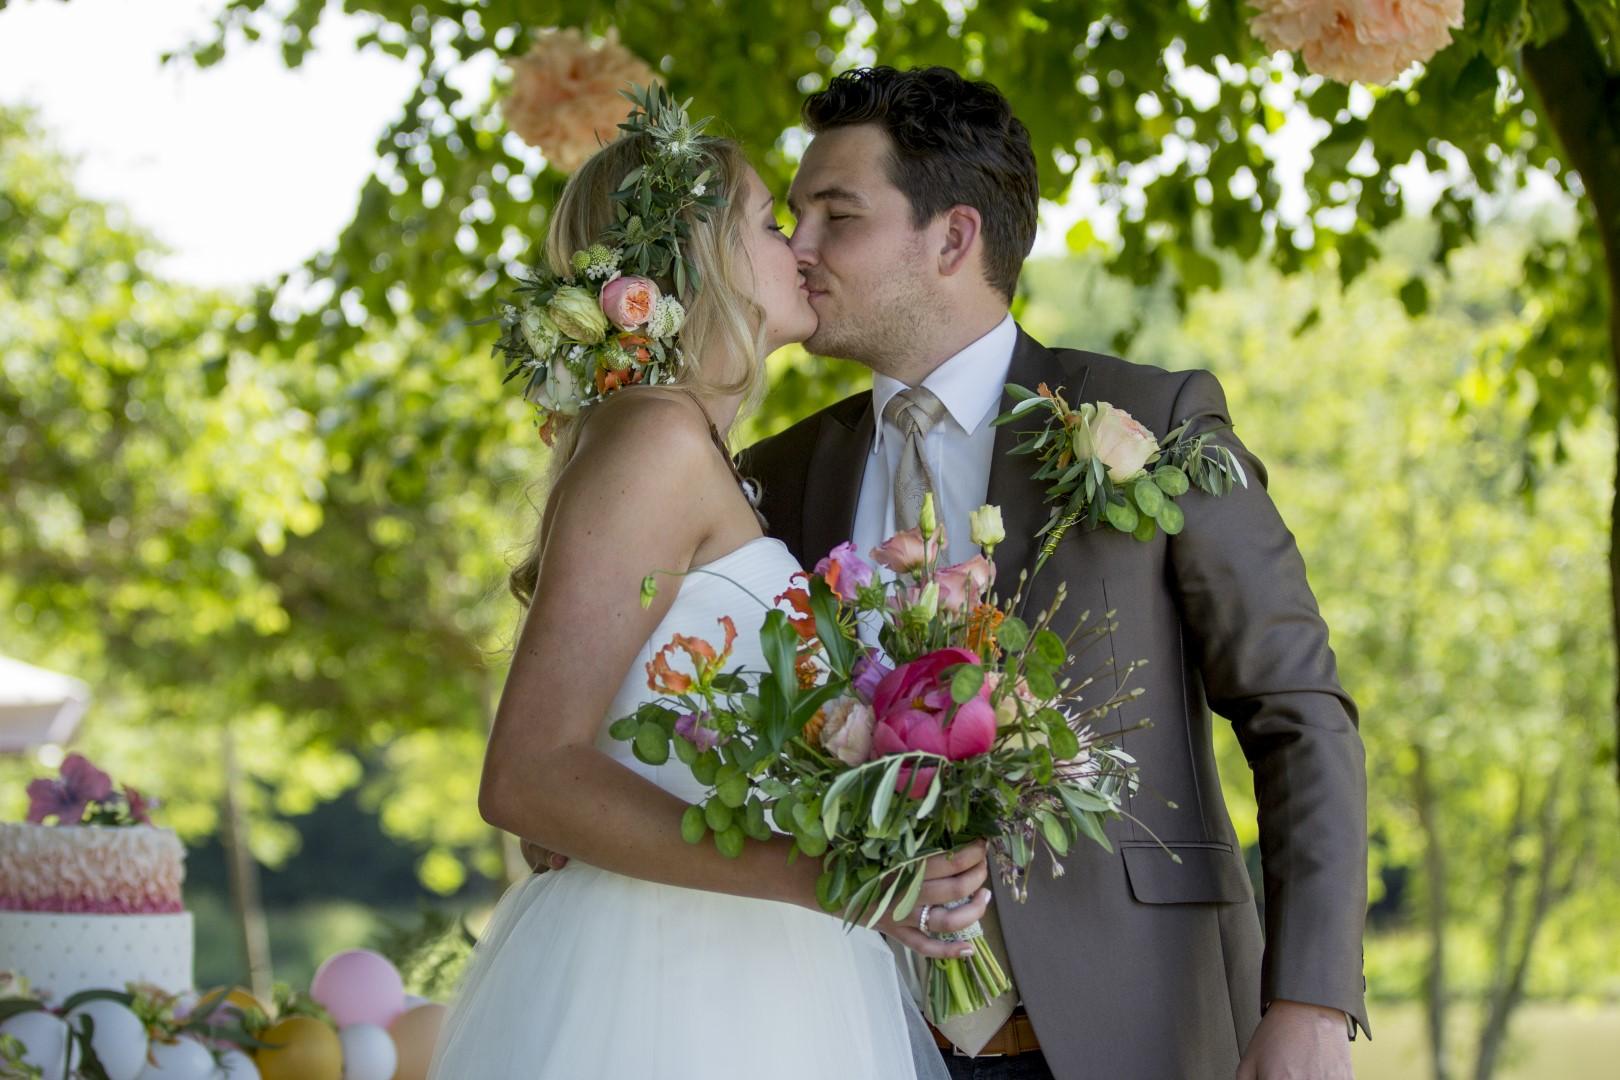 bruidsboeket-borger-gasselte-wedding-bruidsbloemen-veldboeket